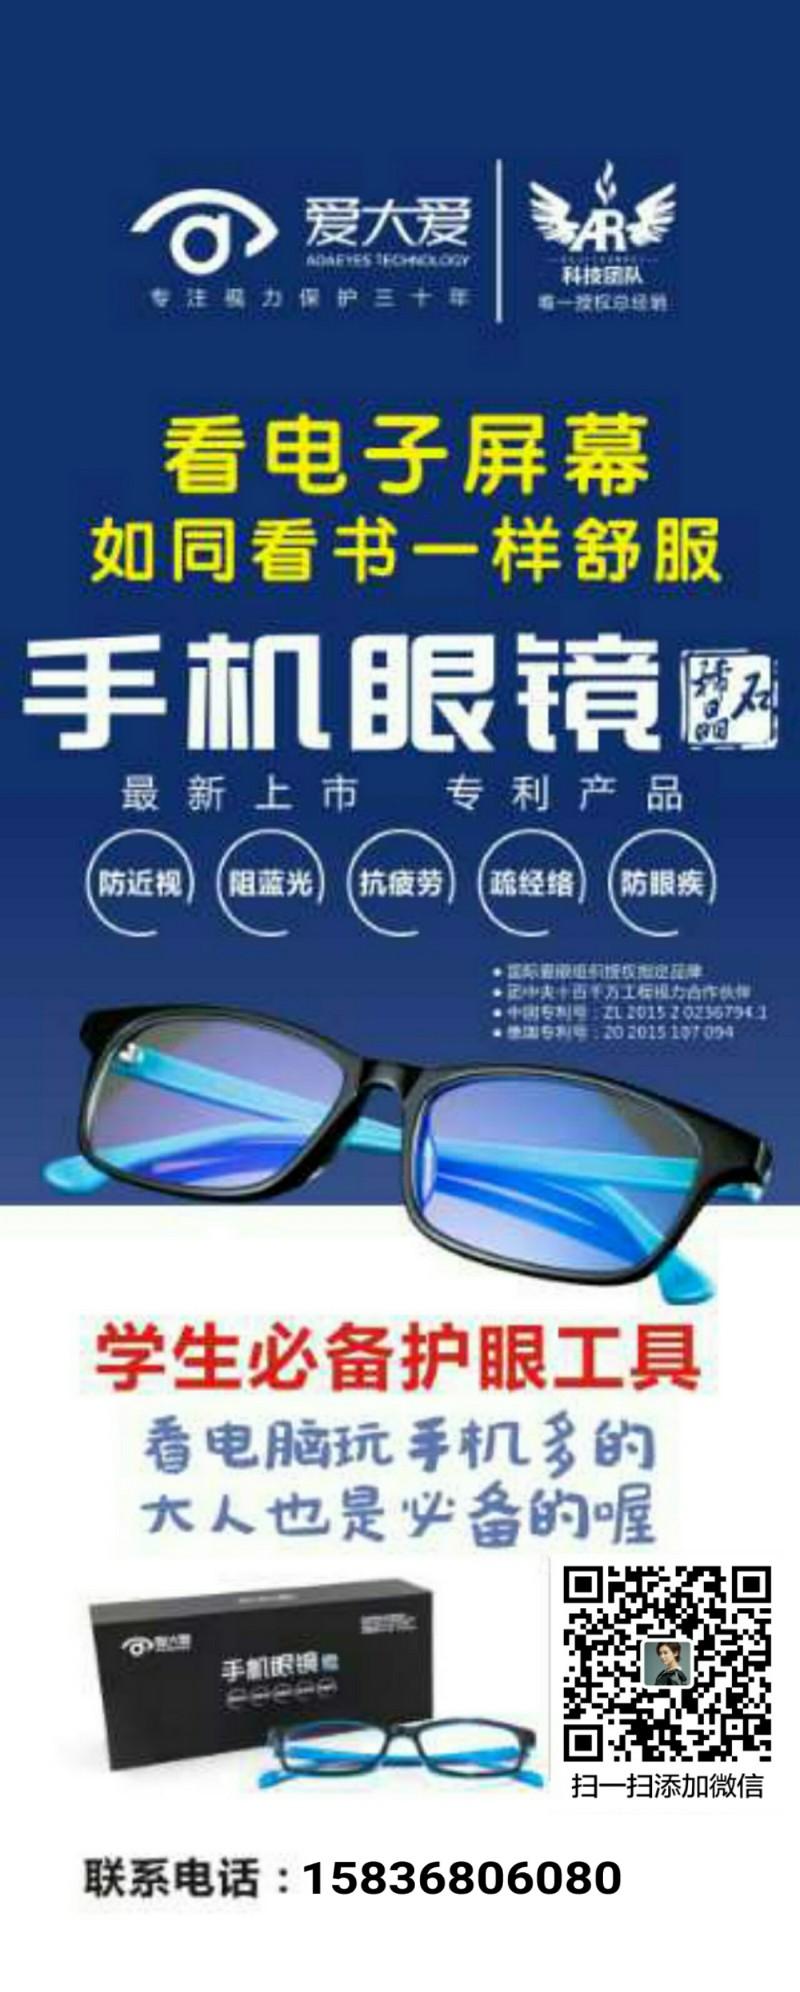 爱大爱手机眼镜适用人群有哪些?